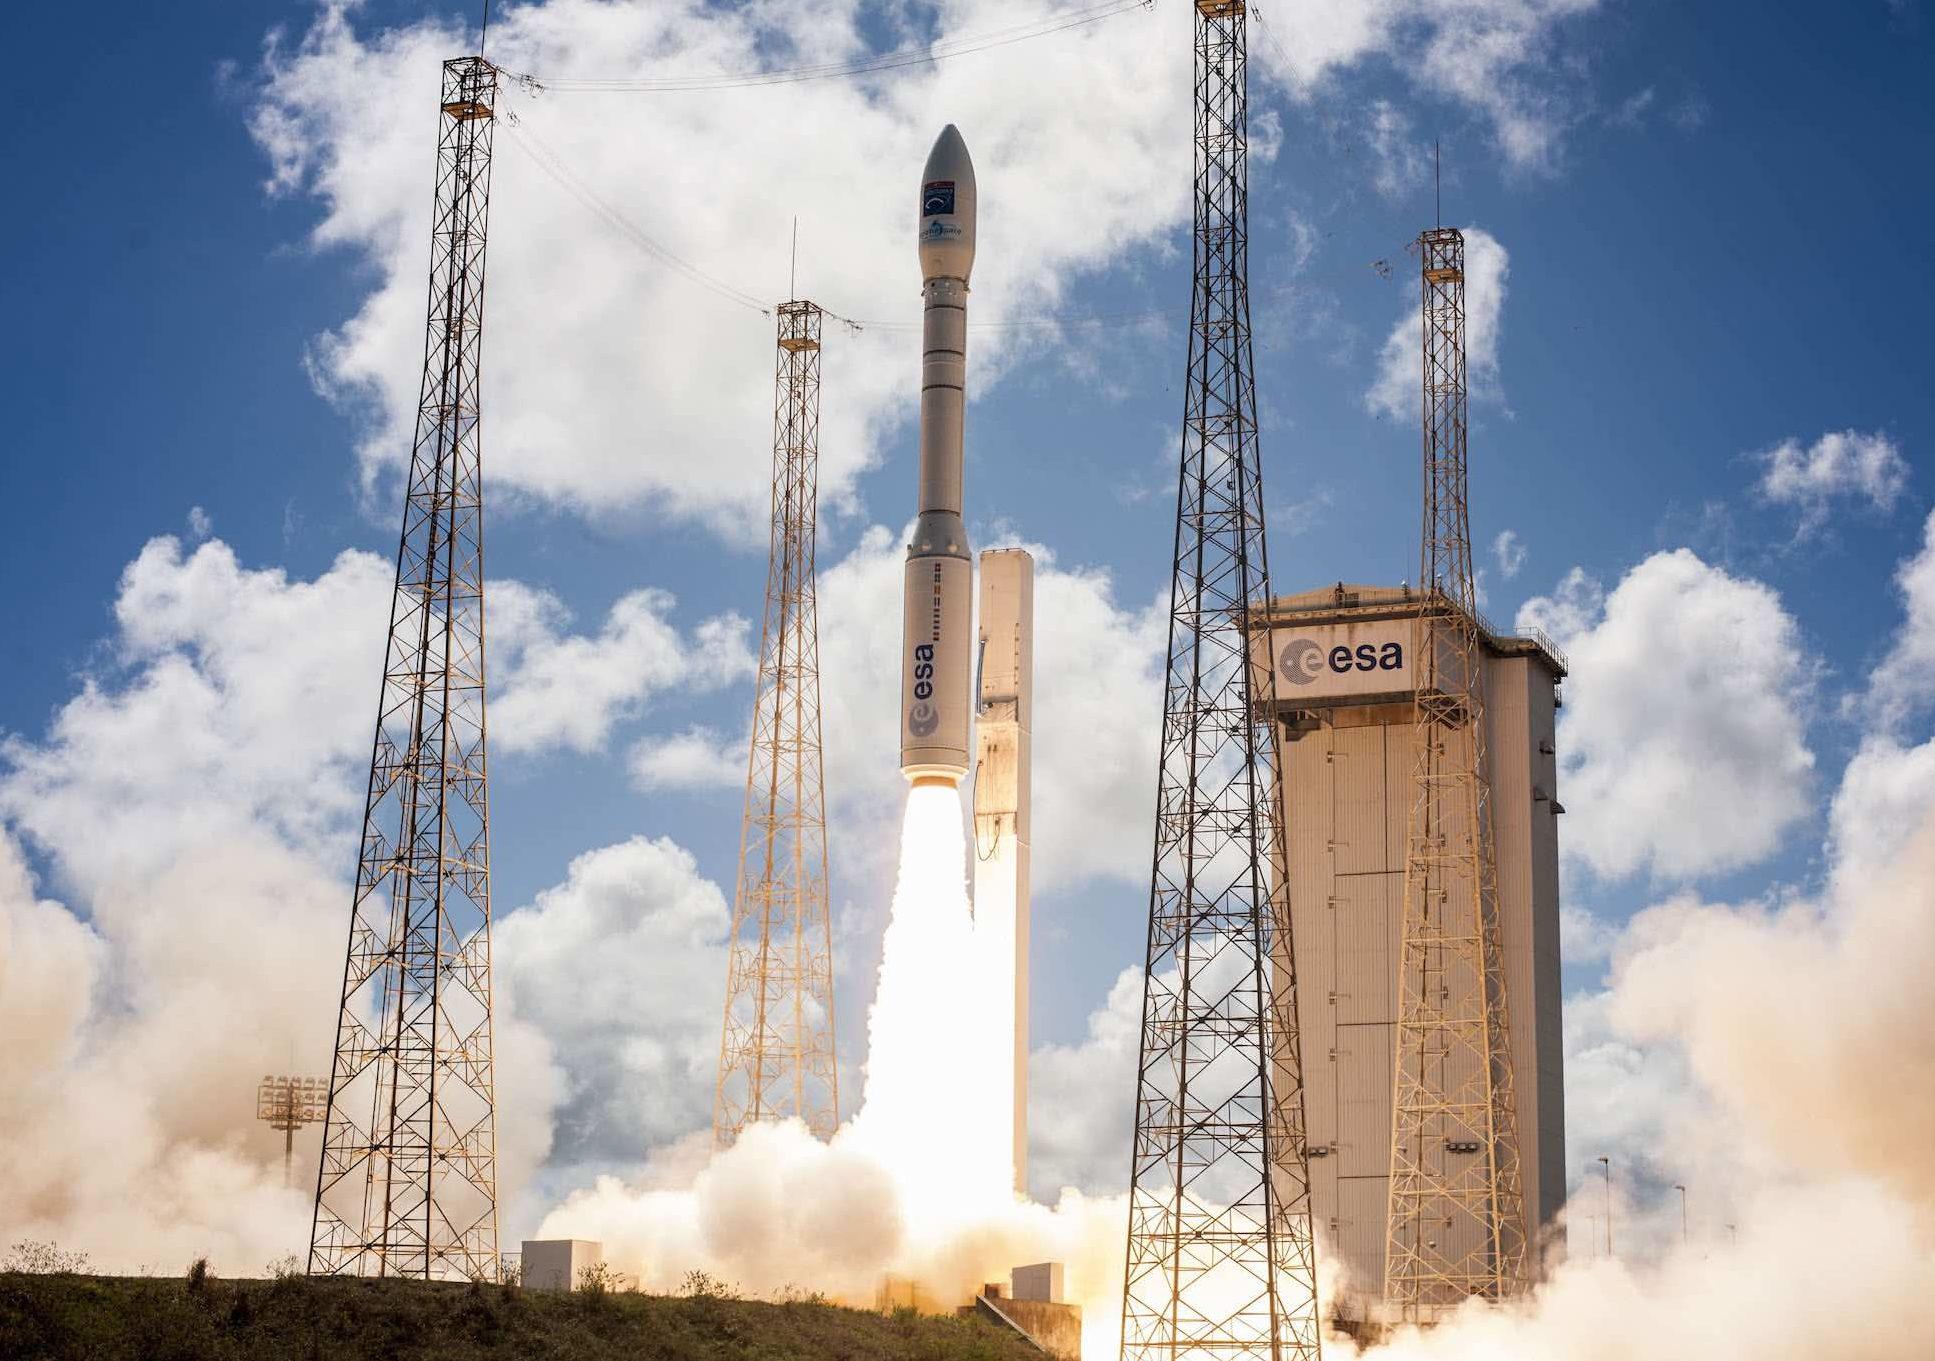 Lancement de la fusée VEGA à Kourou - Décollage VV08, le 05/12/2016